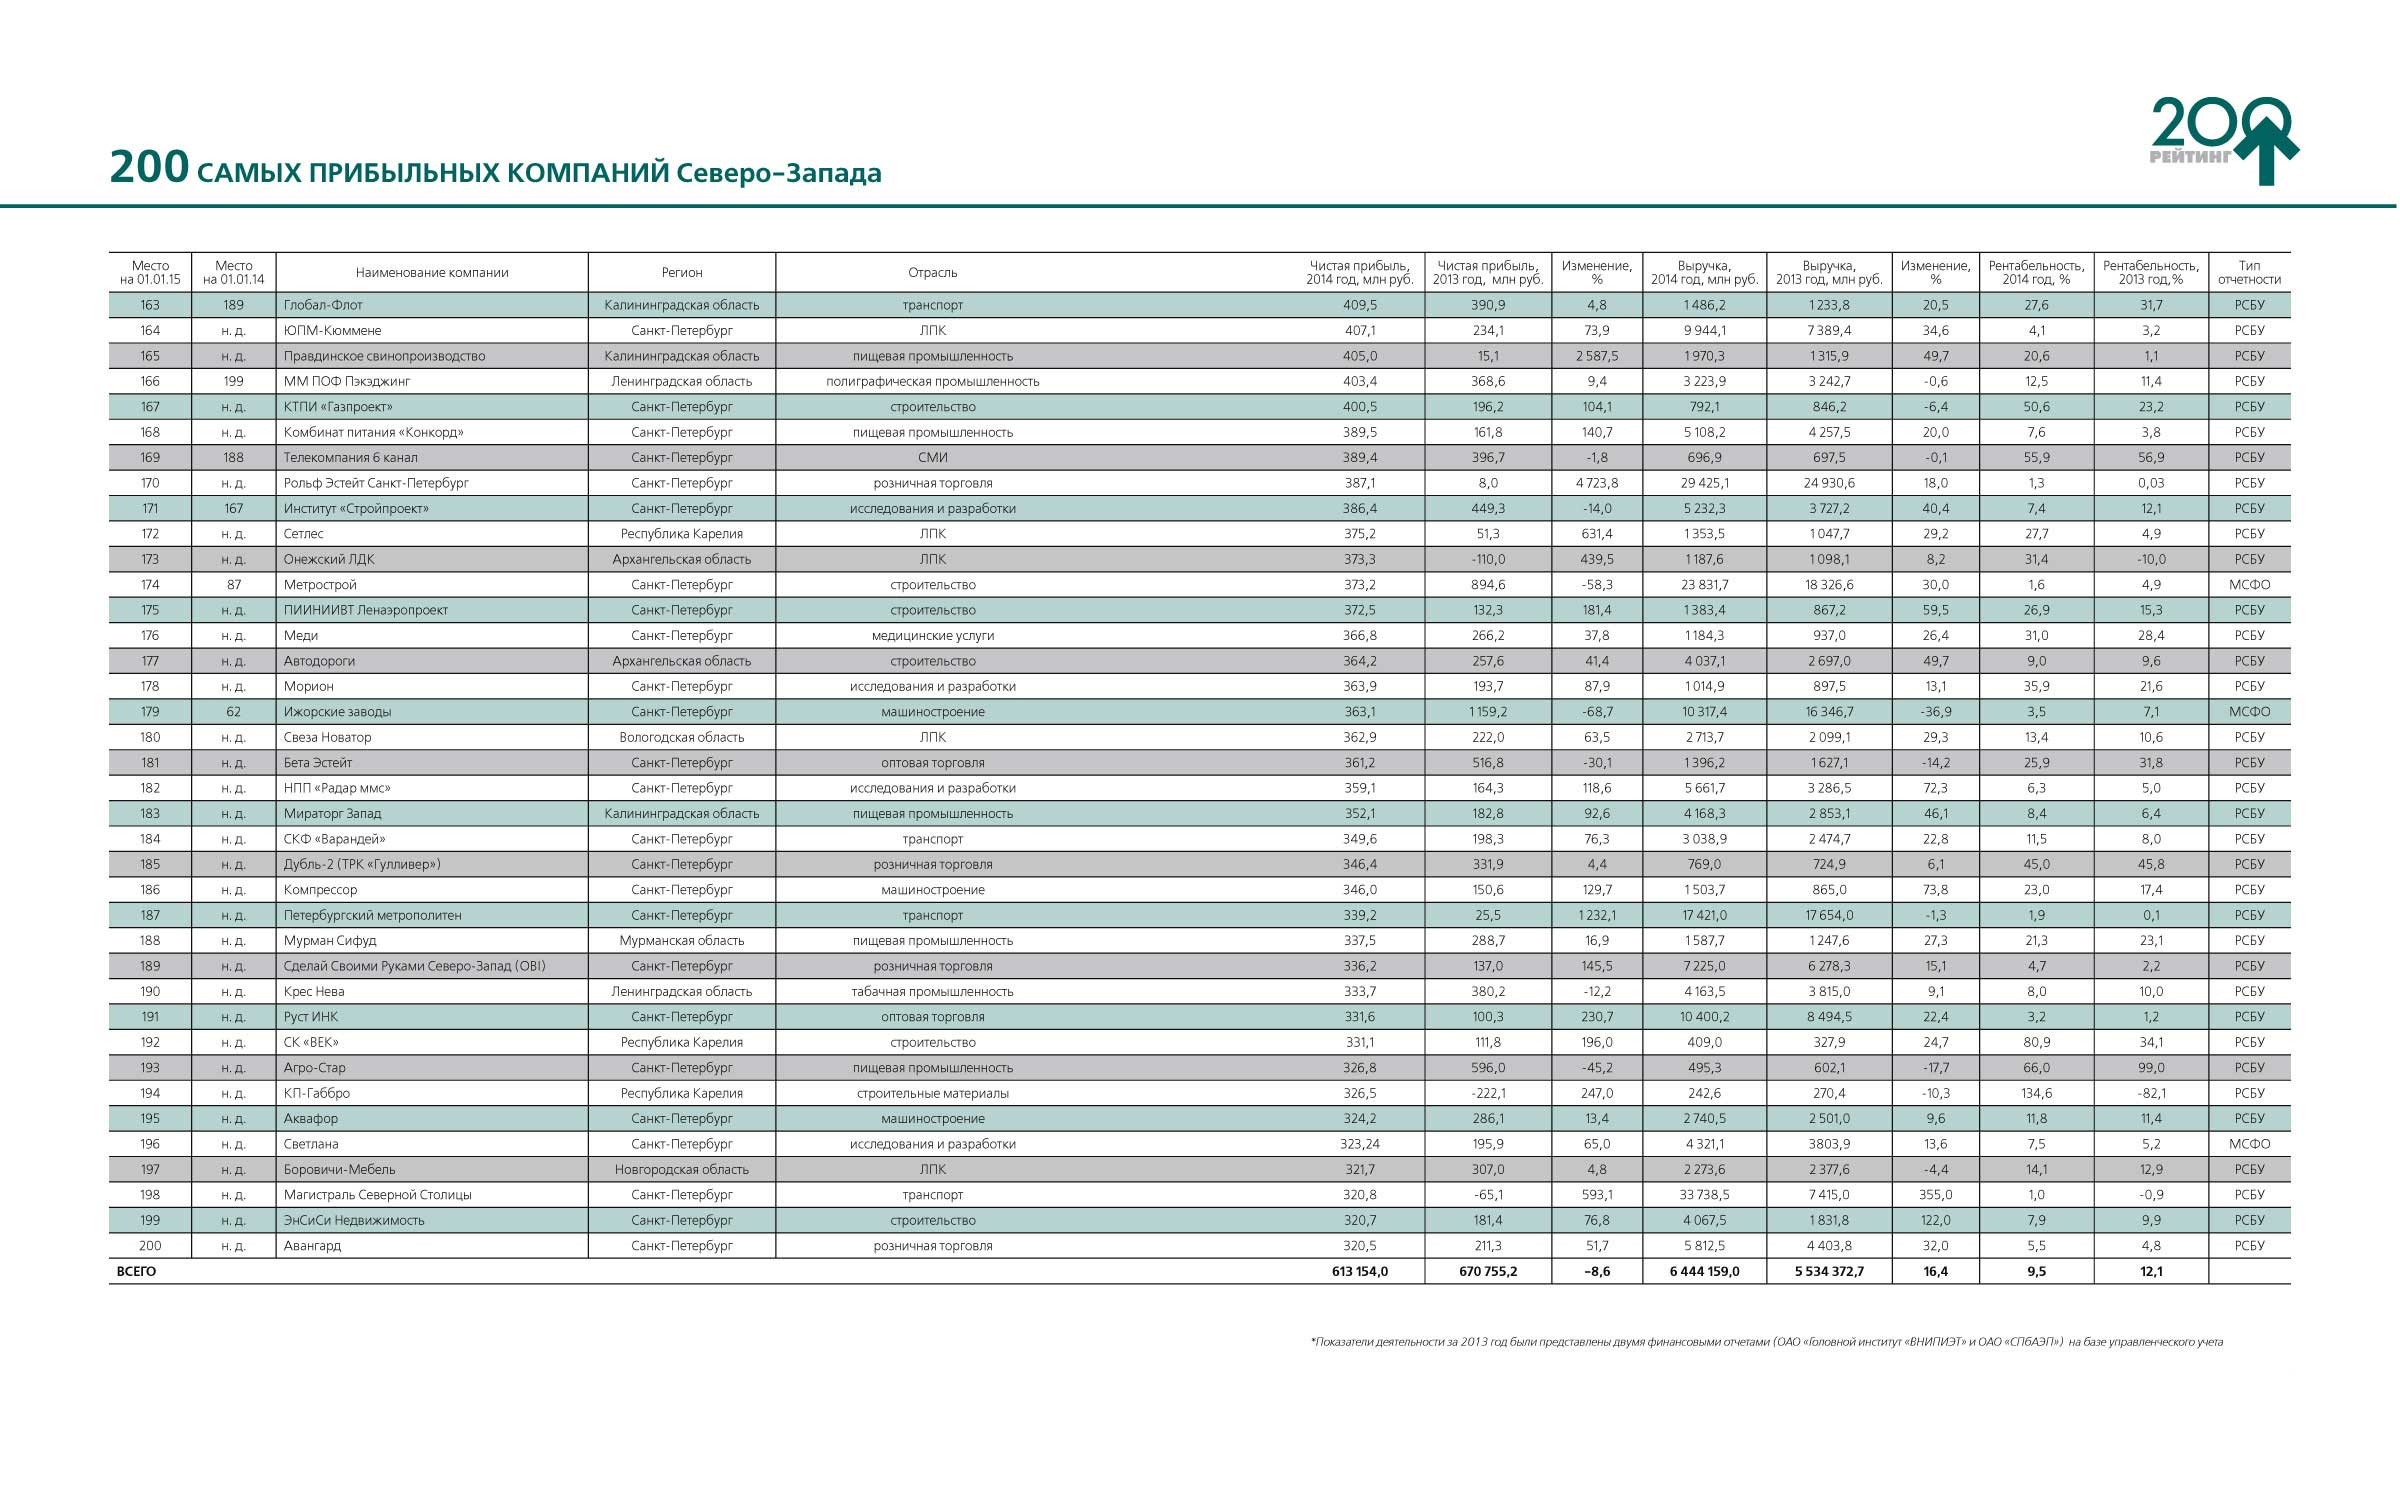 """Рейтинг """"200 самых прибыльных компаний Северо-Запада"""", журнал """"Управление бизнесом"""", № 23, октябрь, 2015 год"""